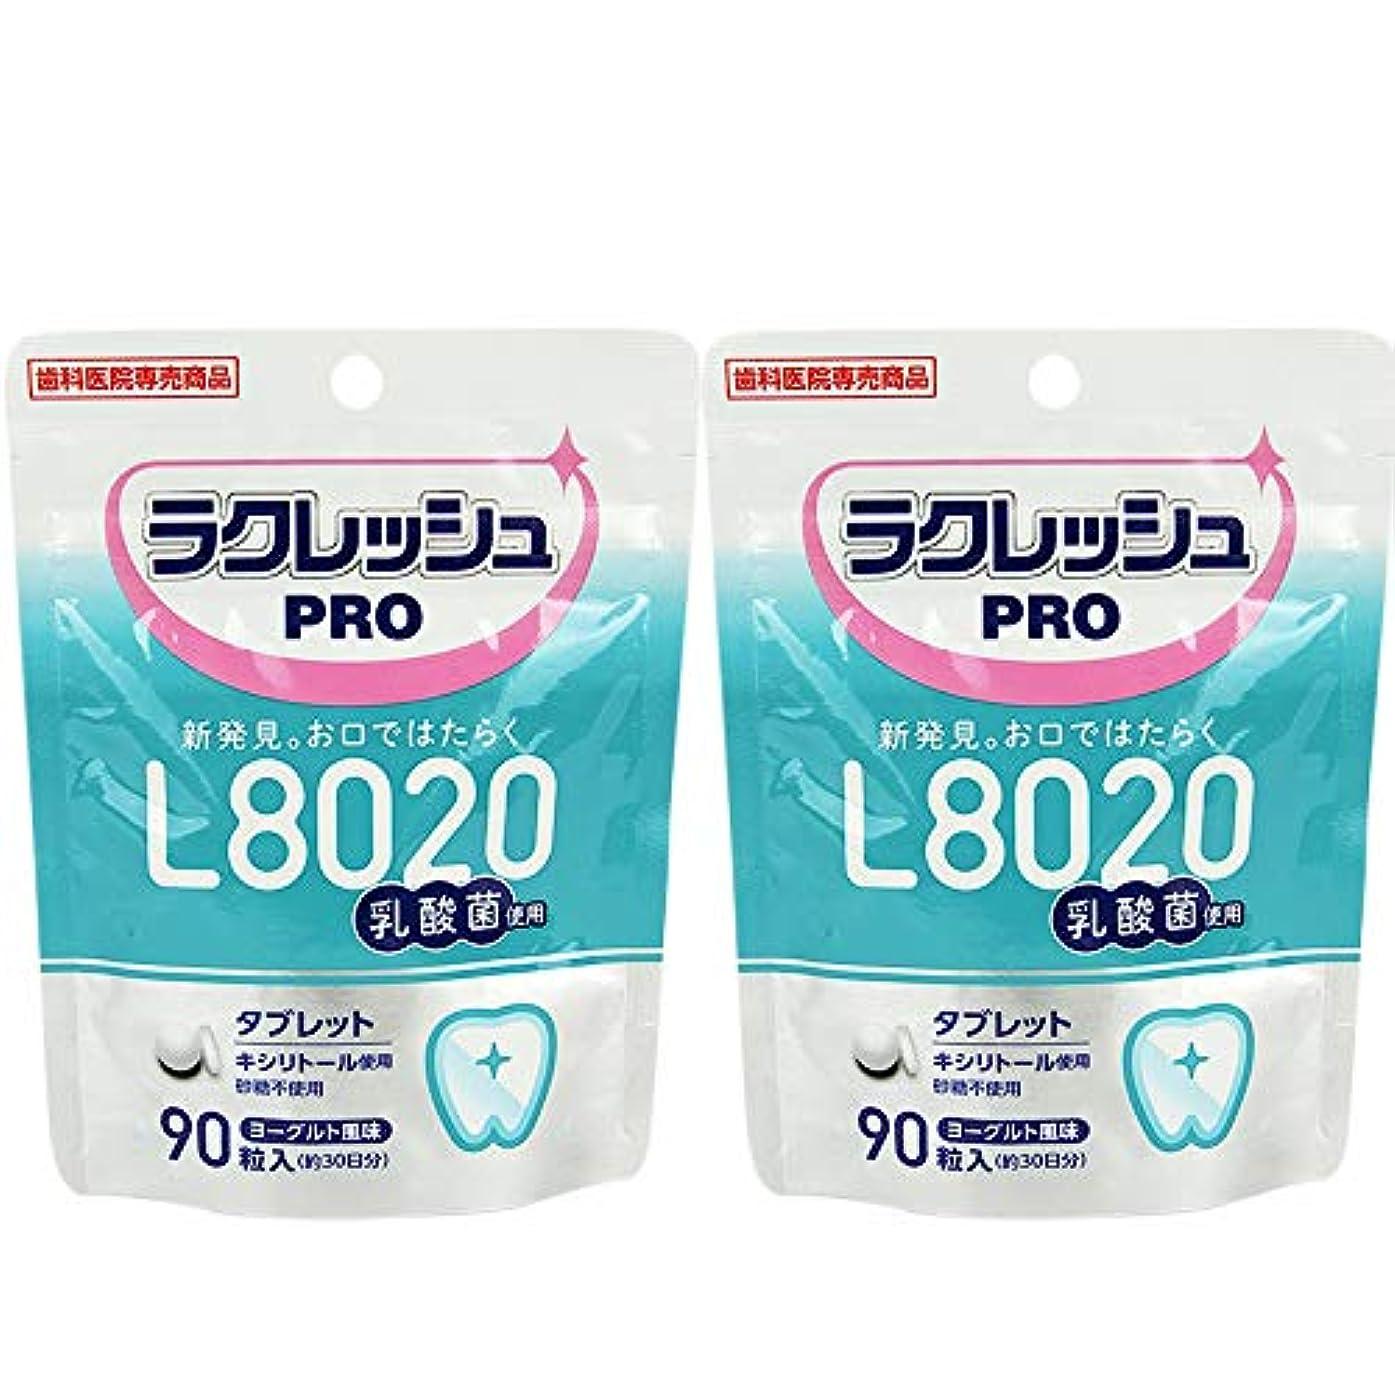 L8020 乳酸菌 ラクレッシュ PRO タブレット 90粒 × 2個 歯科専売品